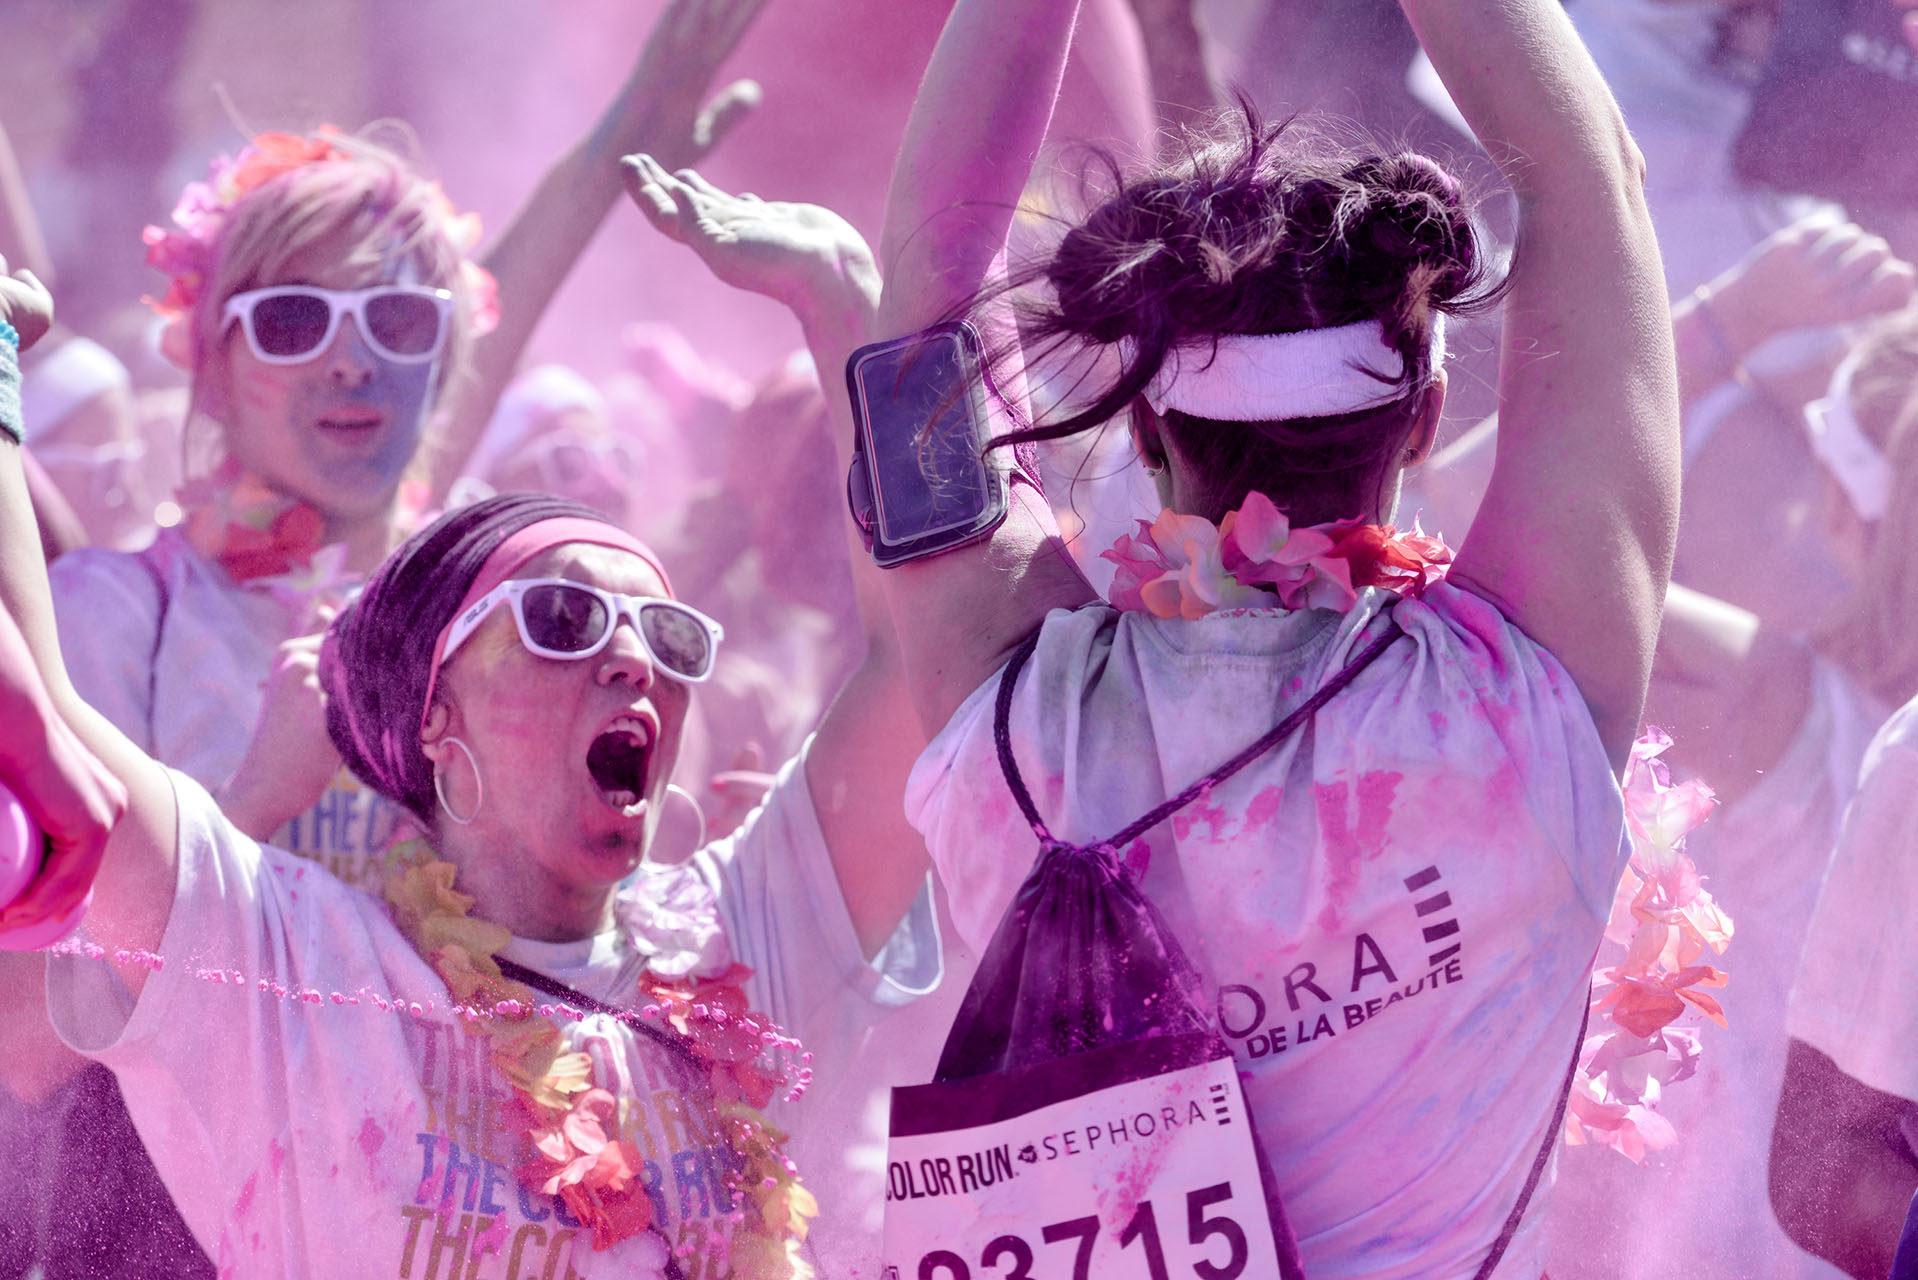 photographe-evenementiel-ile-de-france-maya-angelsen-paris-color-run